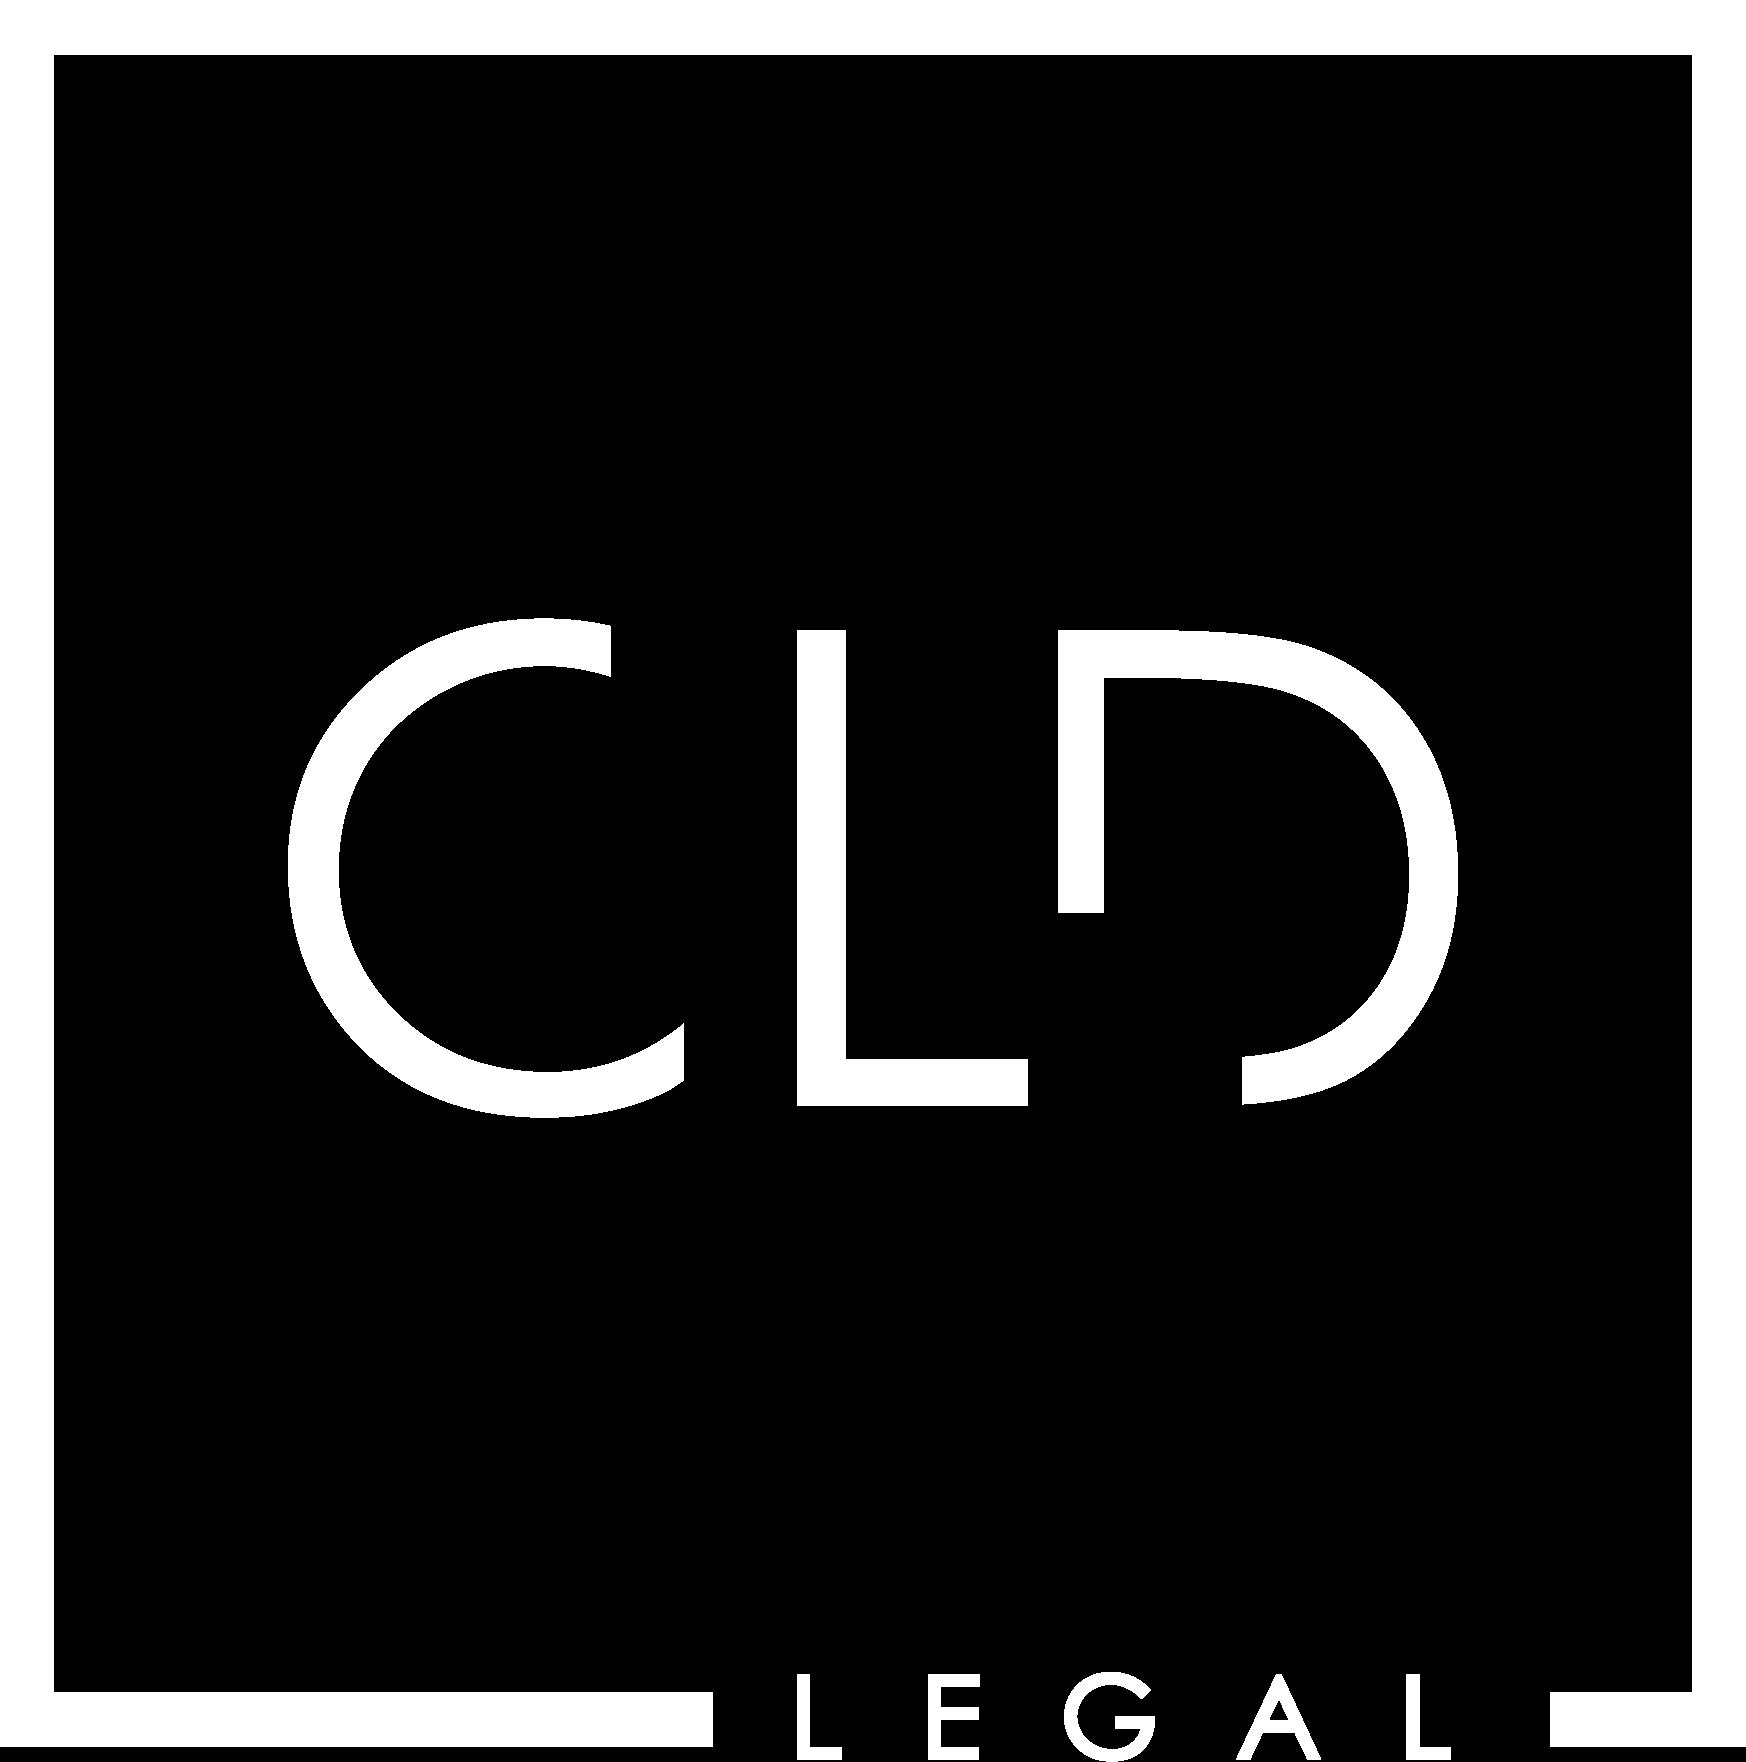 CLD LOGO FINAL WHITE